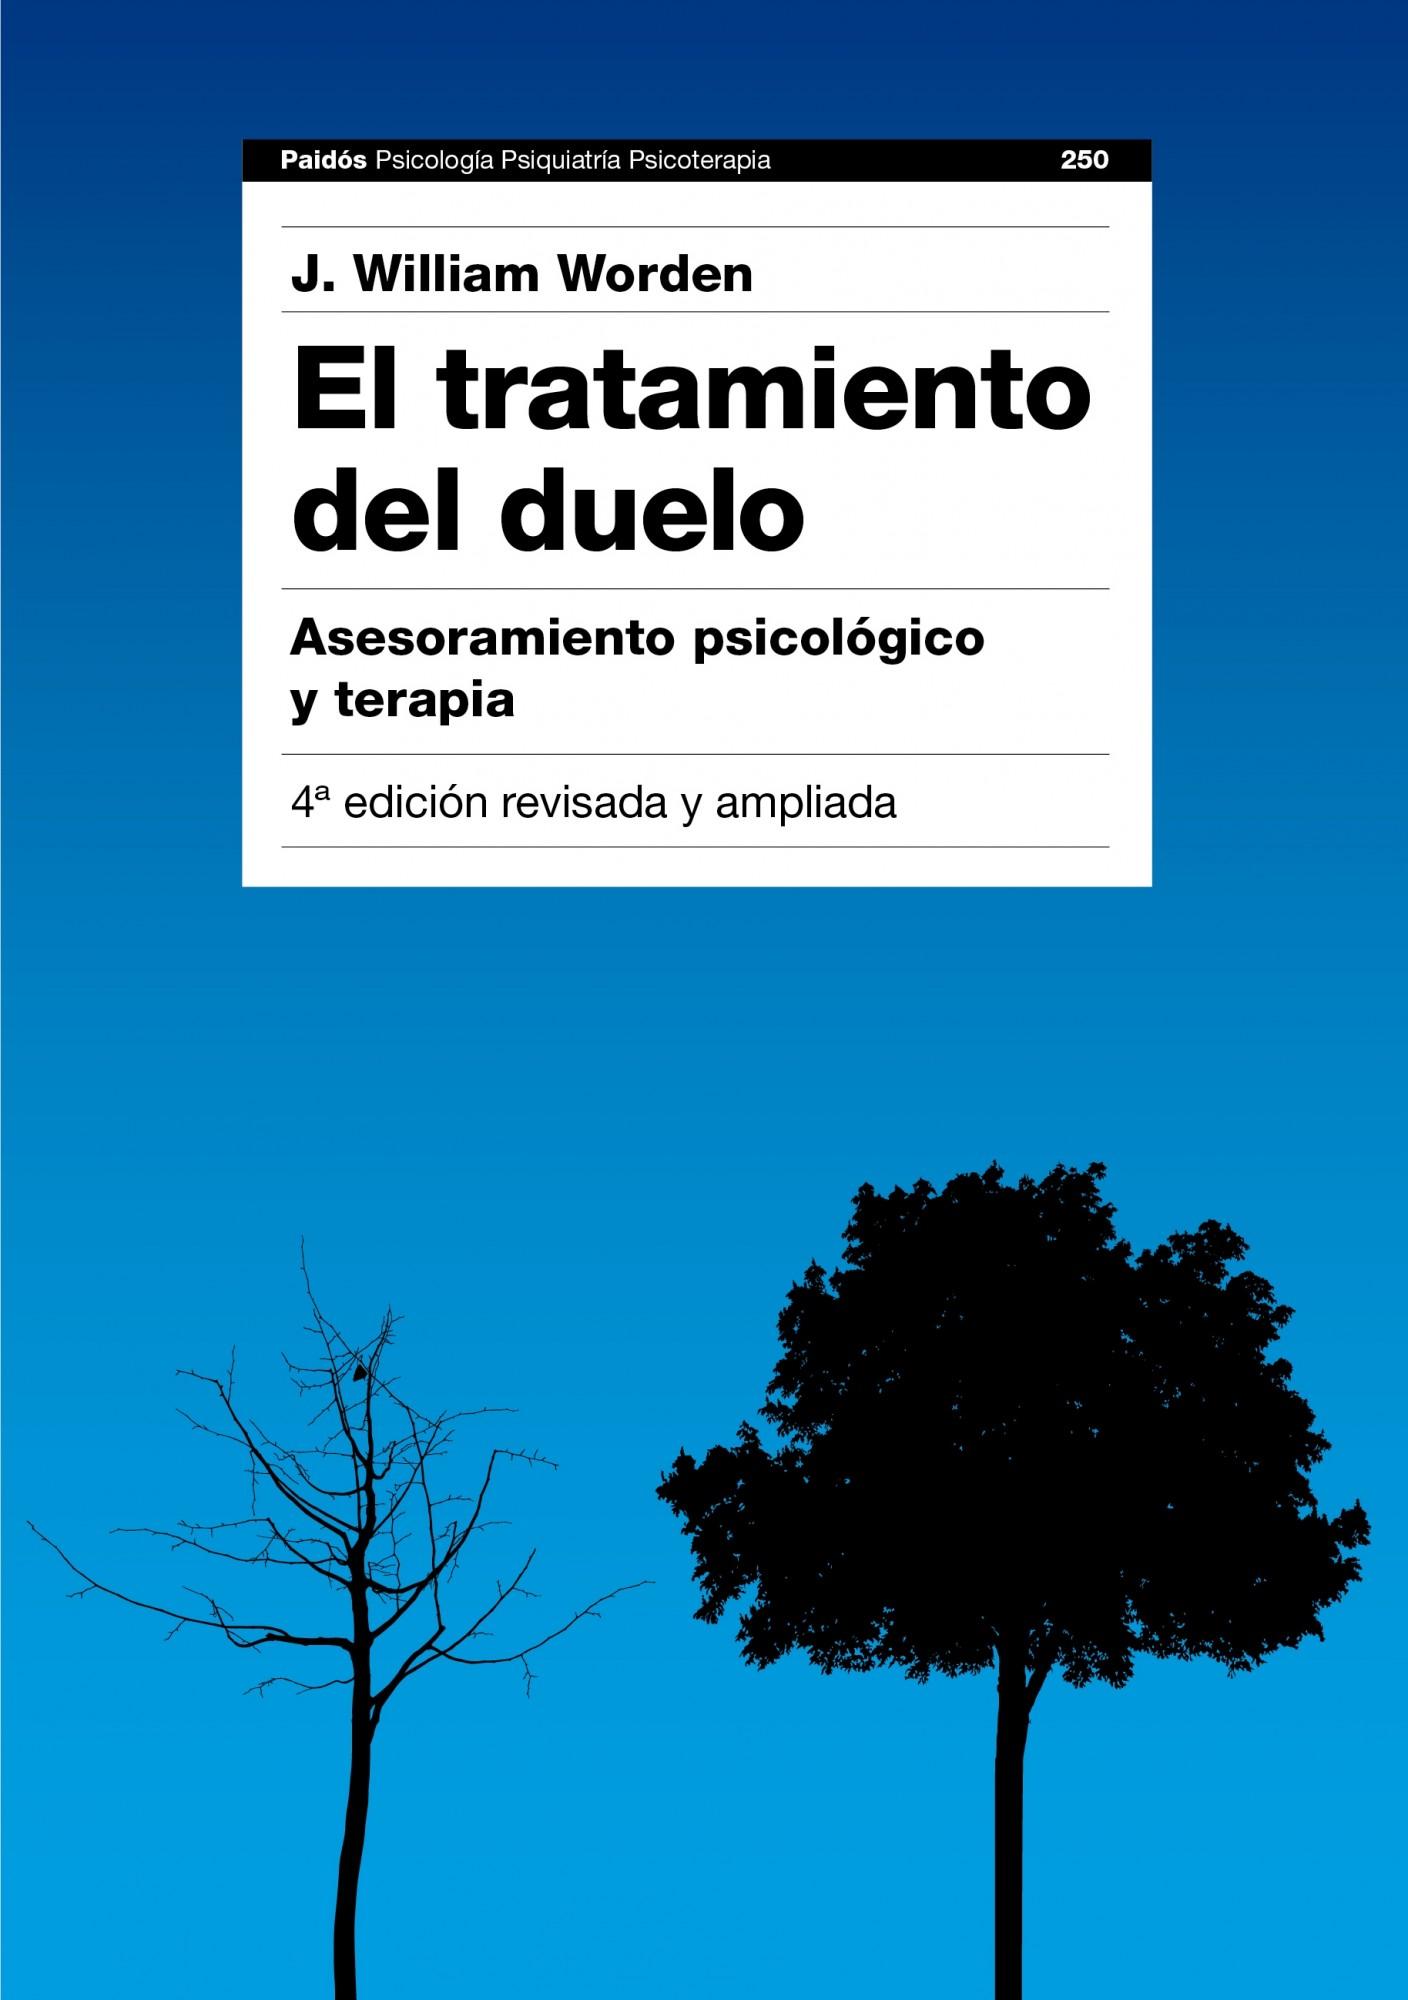 EL TRATAMIENTO DEL DUELO - WORDEN J. WILLIAM - Sinopsis